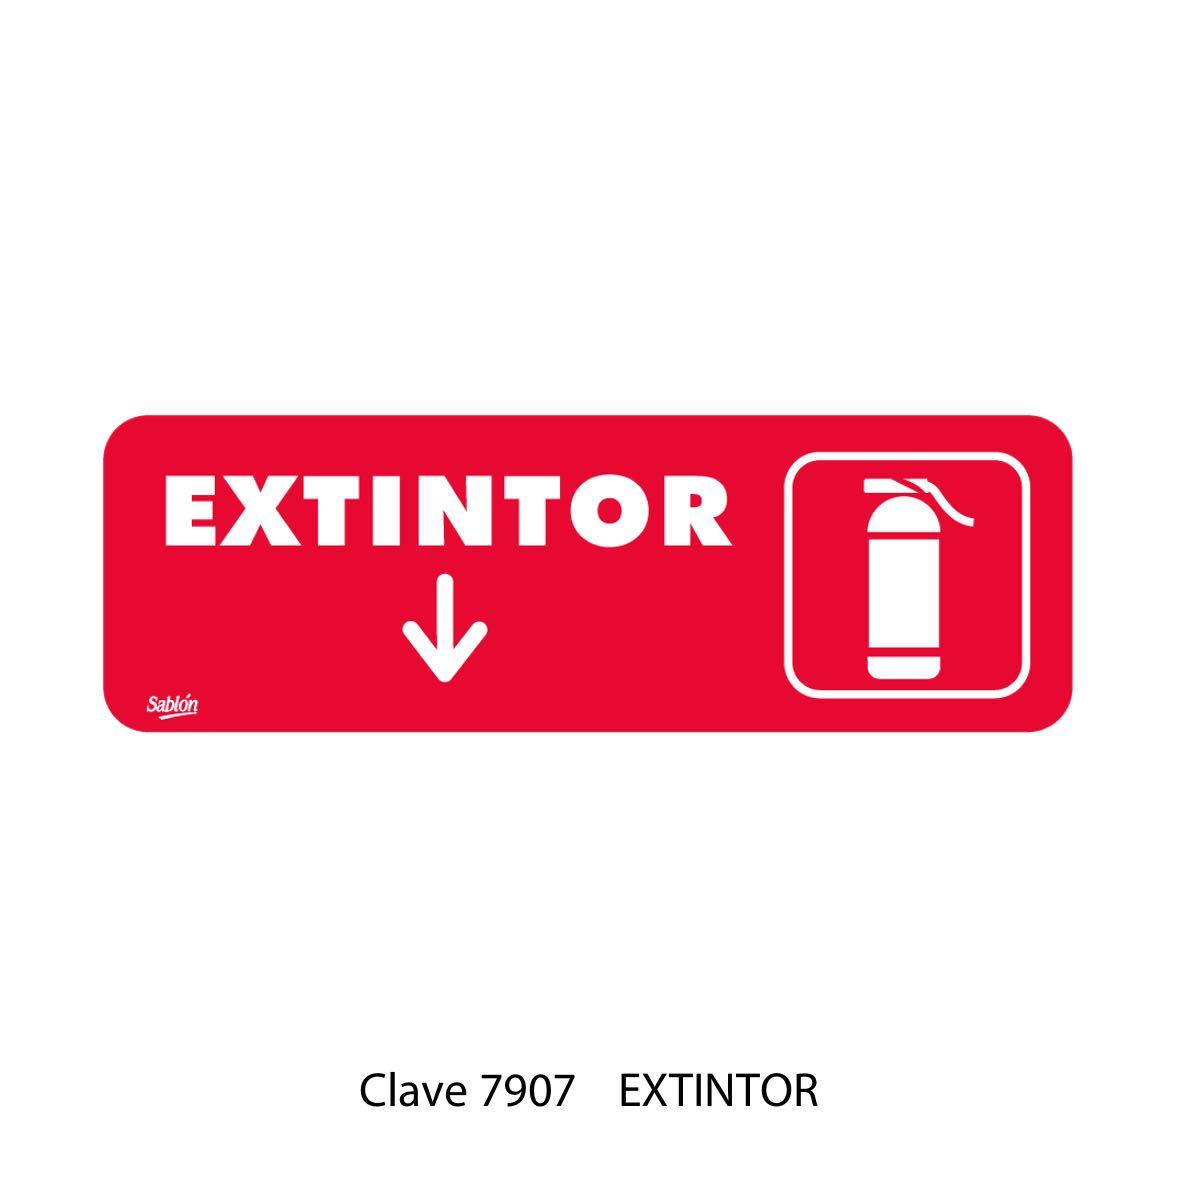 Señal de Extintor Modelo 7907 - Sablón